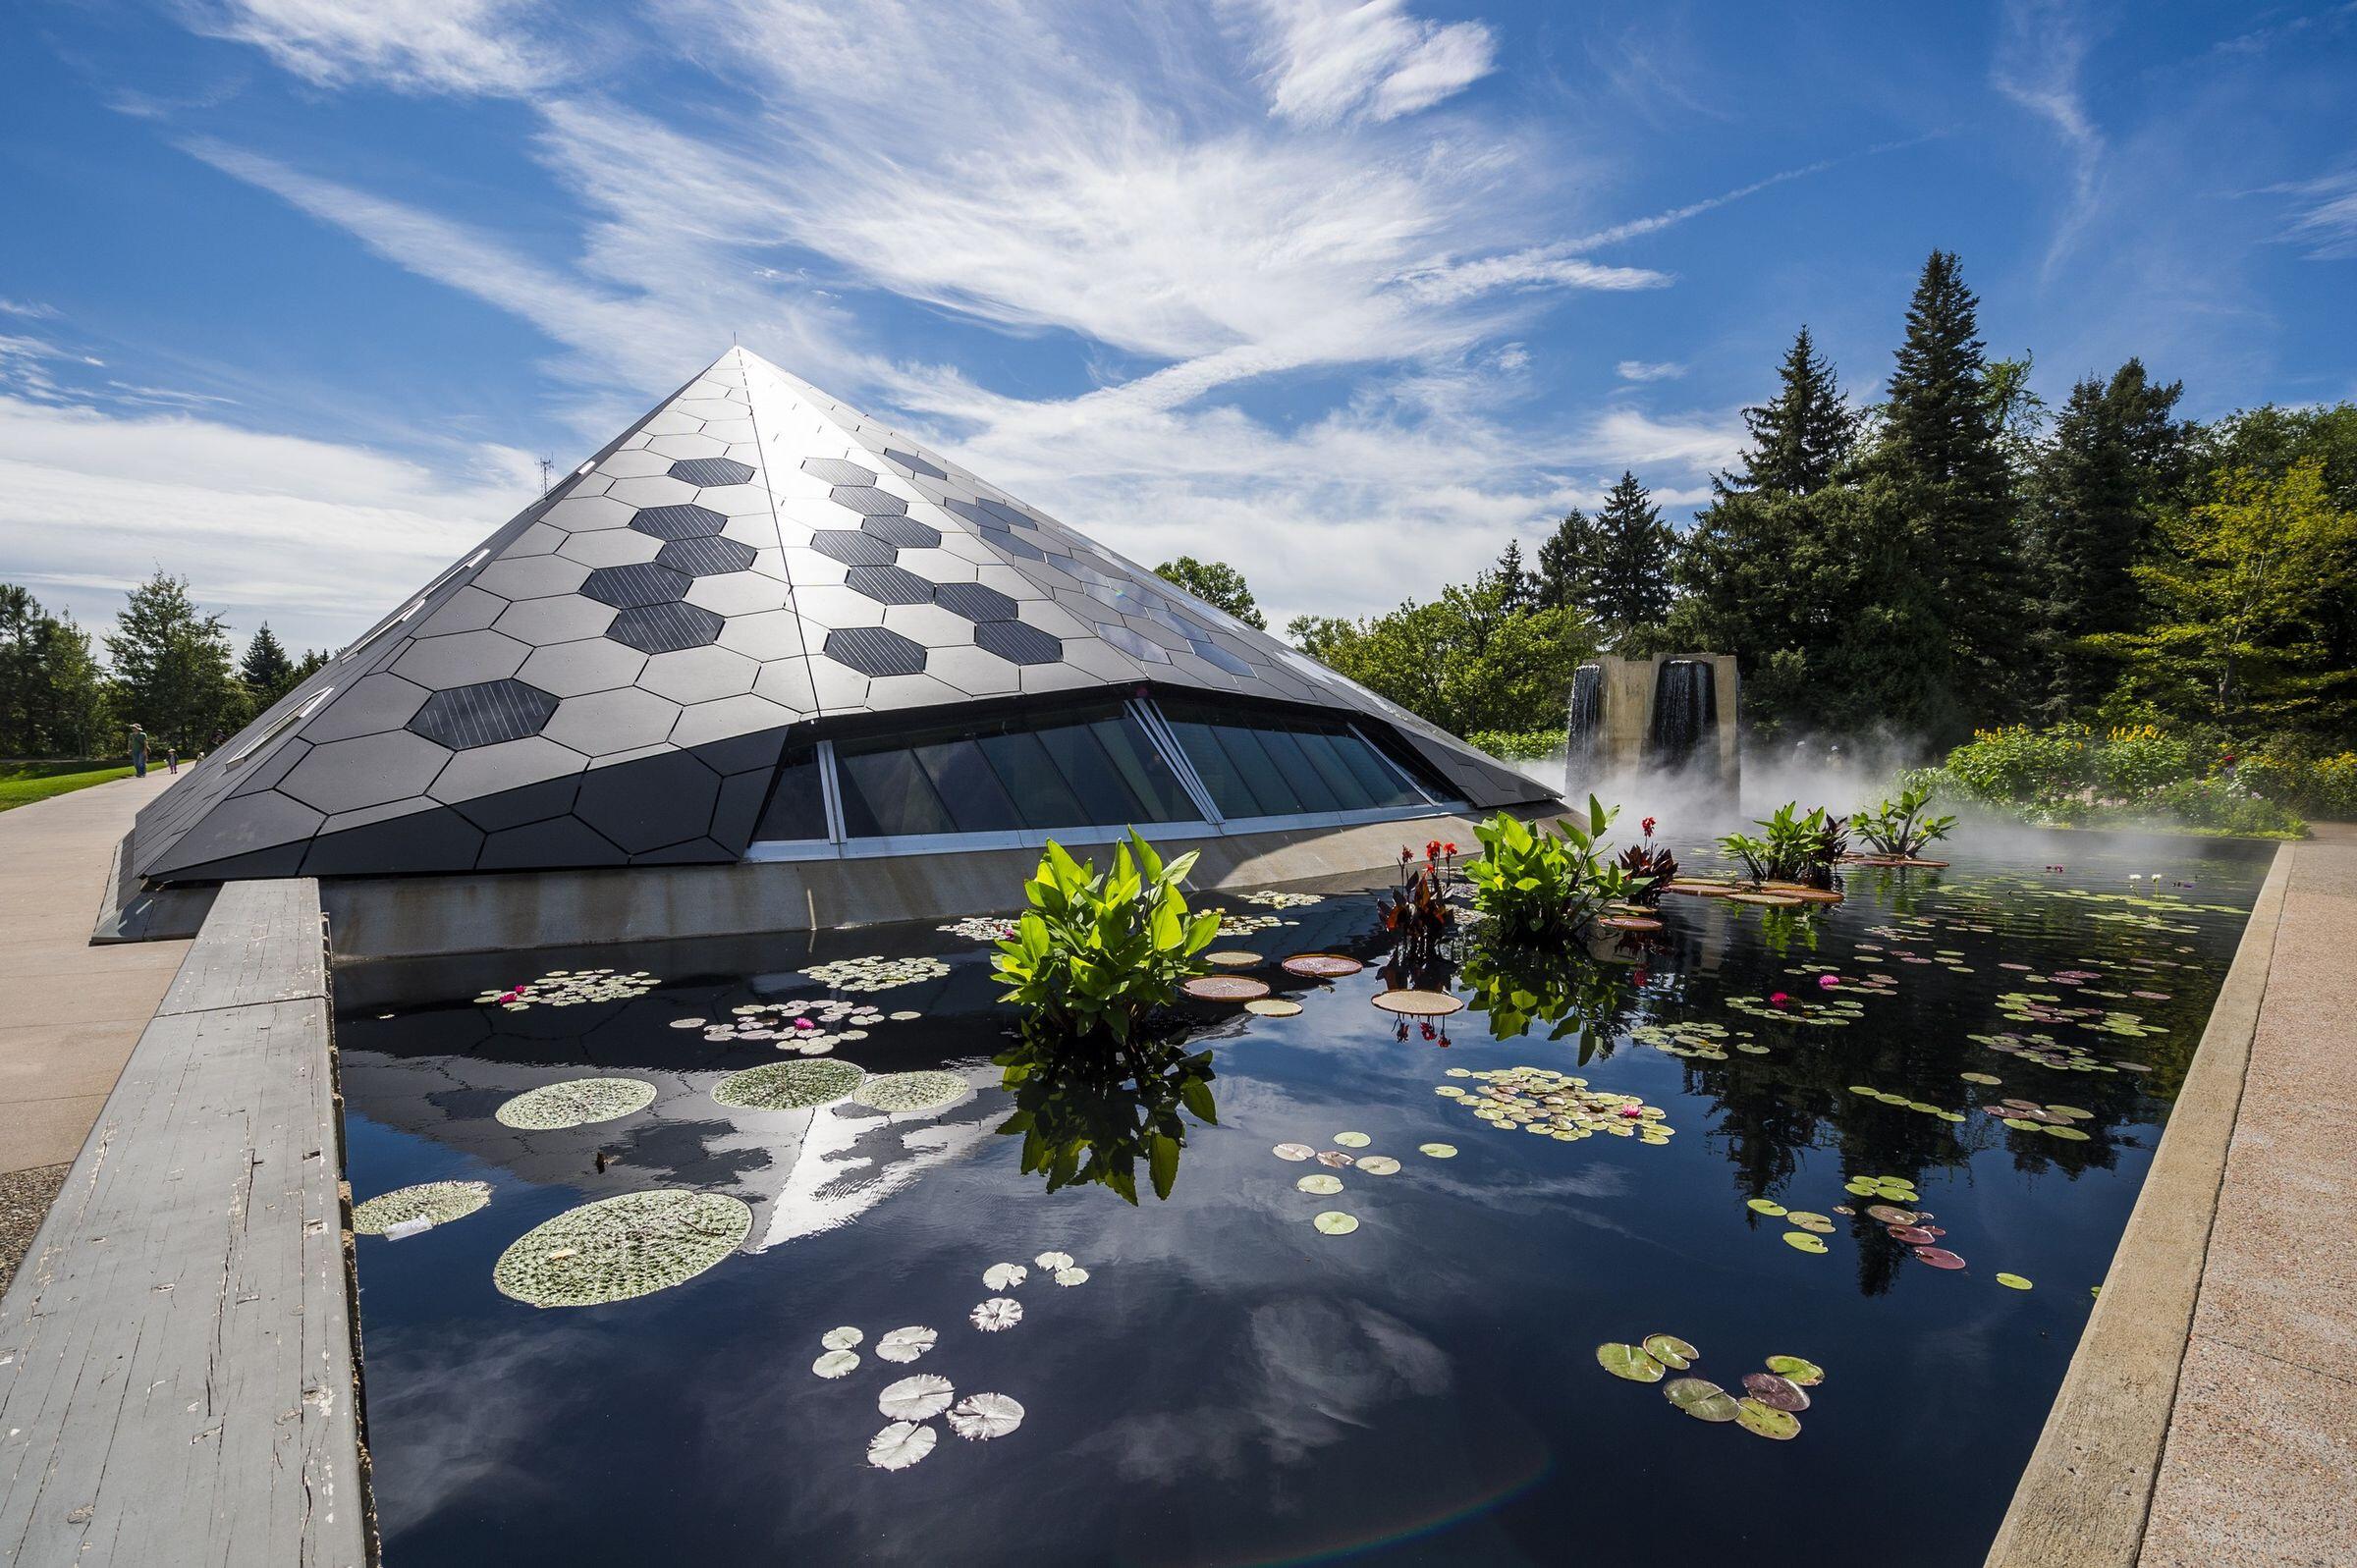 Denver Botanic Gardens Science Pyramid